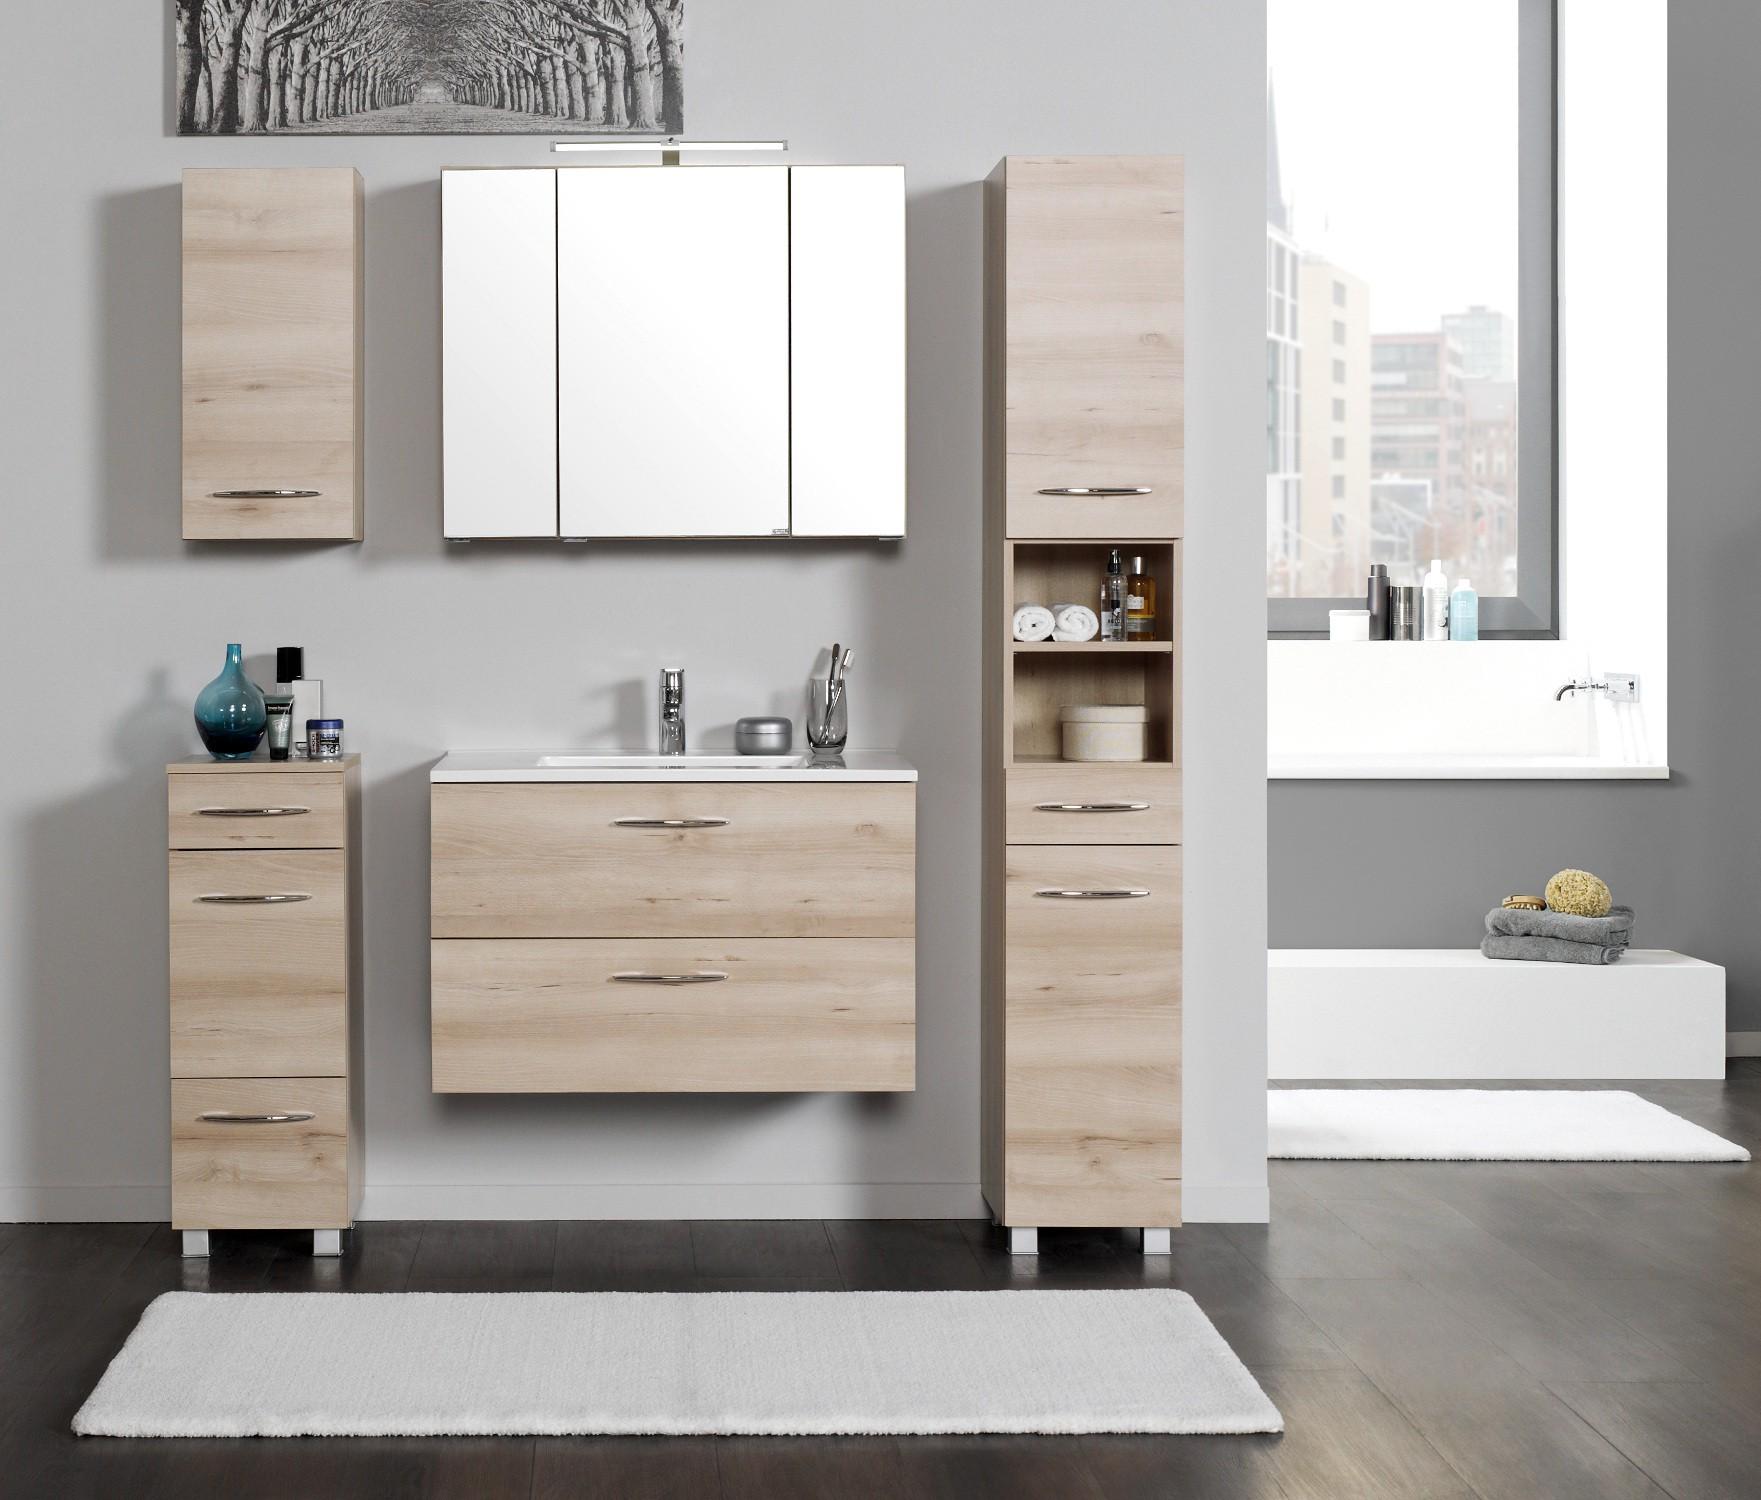 badezimmer set portofino waschplatz set badm bel set mit waschtisch buche iconic ebay. Black Bedroom Furniture Sets. Home Design Ideas